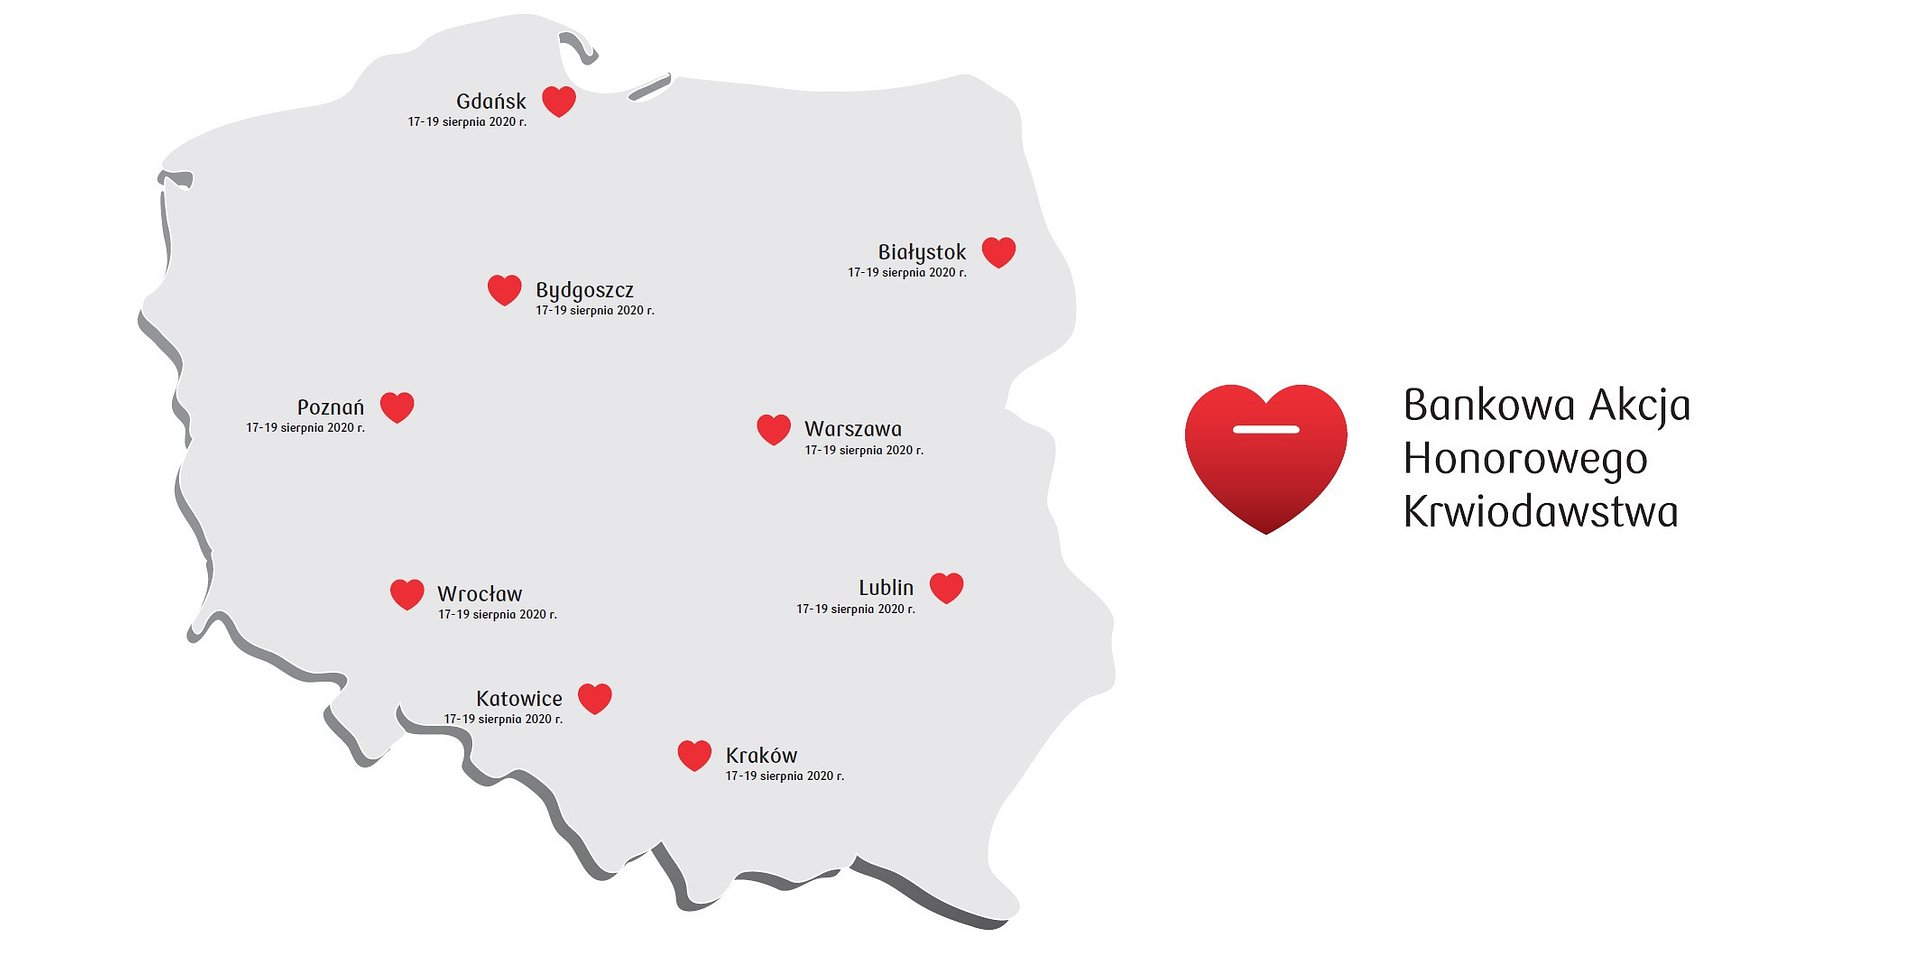 Przyłącz się do Bankowej Akcji Honorowego Krwiodawstwa w Bydgoszczy